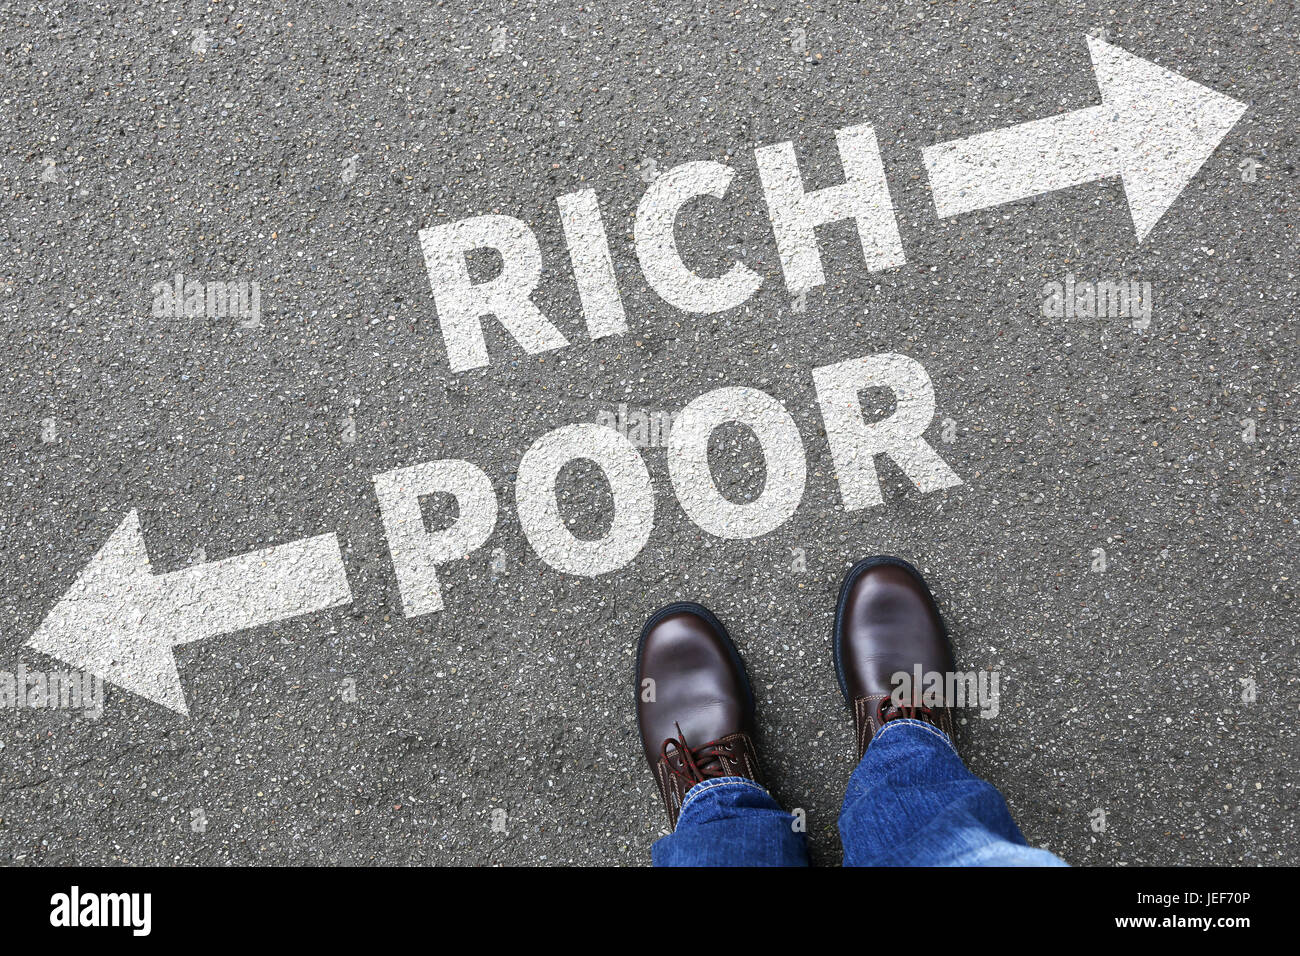 Arme reiche Armut Finanzen finanziellen Erfolg erfolgreich Geld Business Konzept Finanzen Stockbild